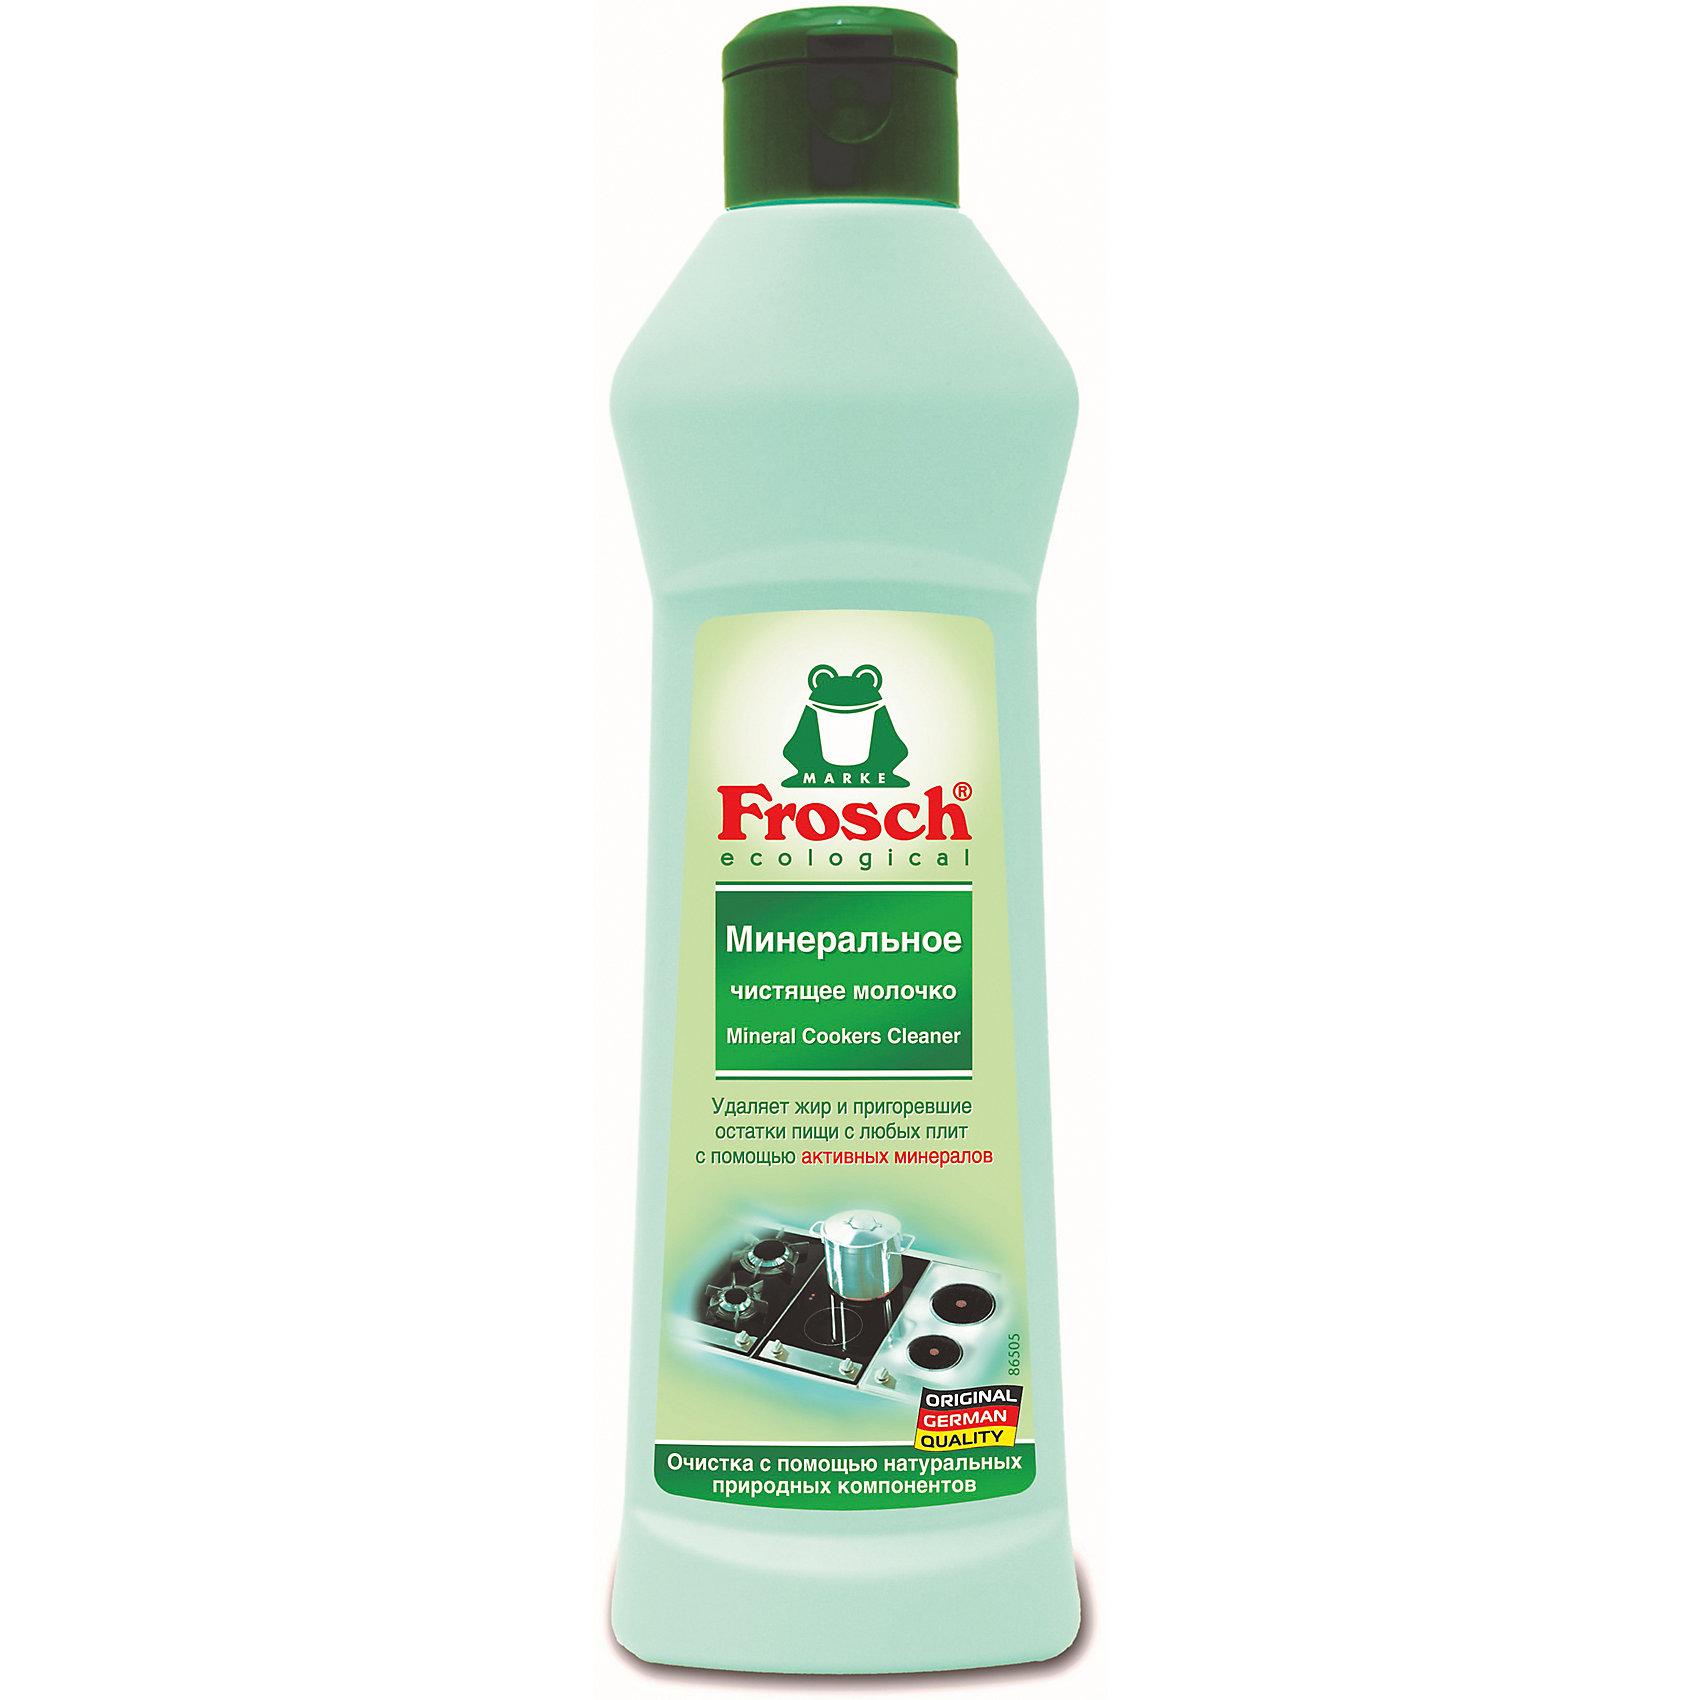 Минеральное чистящее молочко, 0,25 л, Frosch (-)